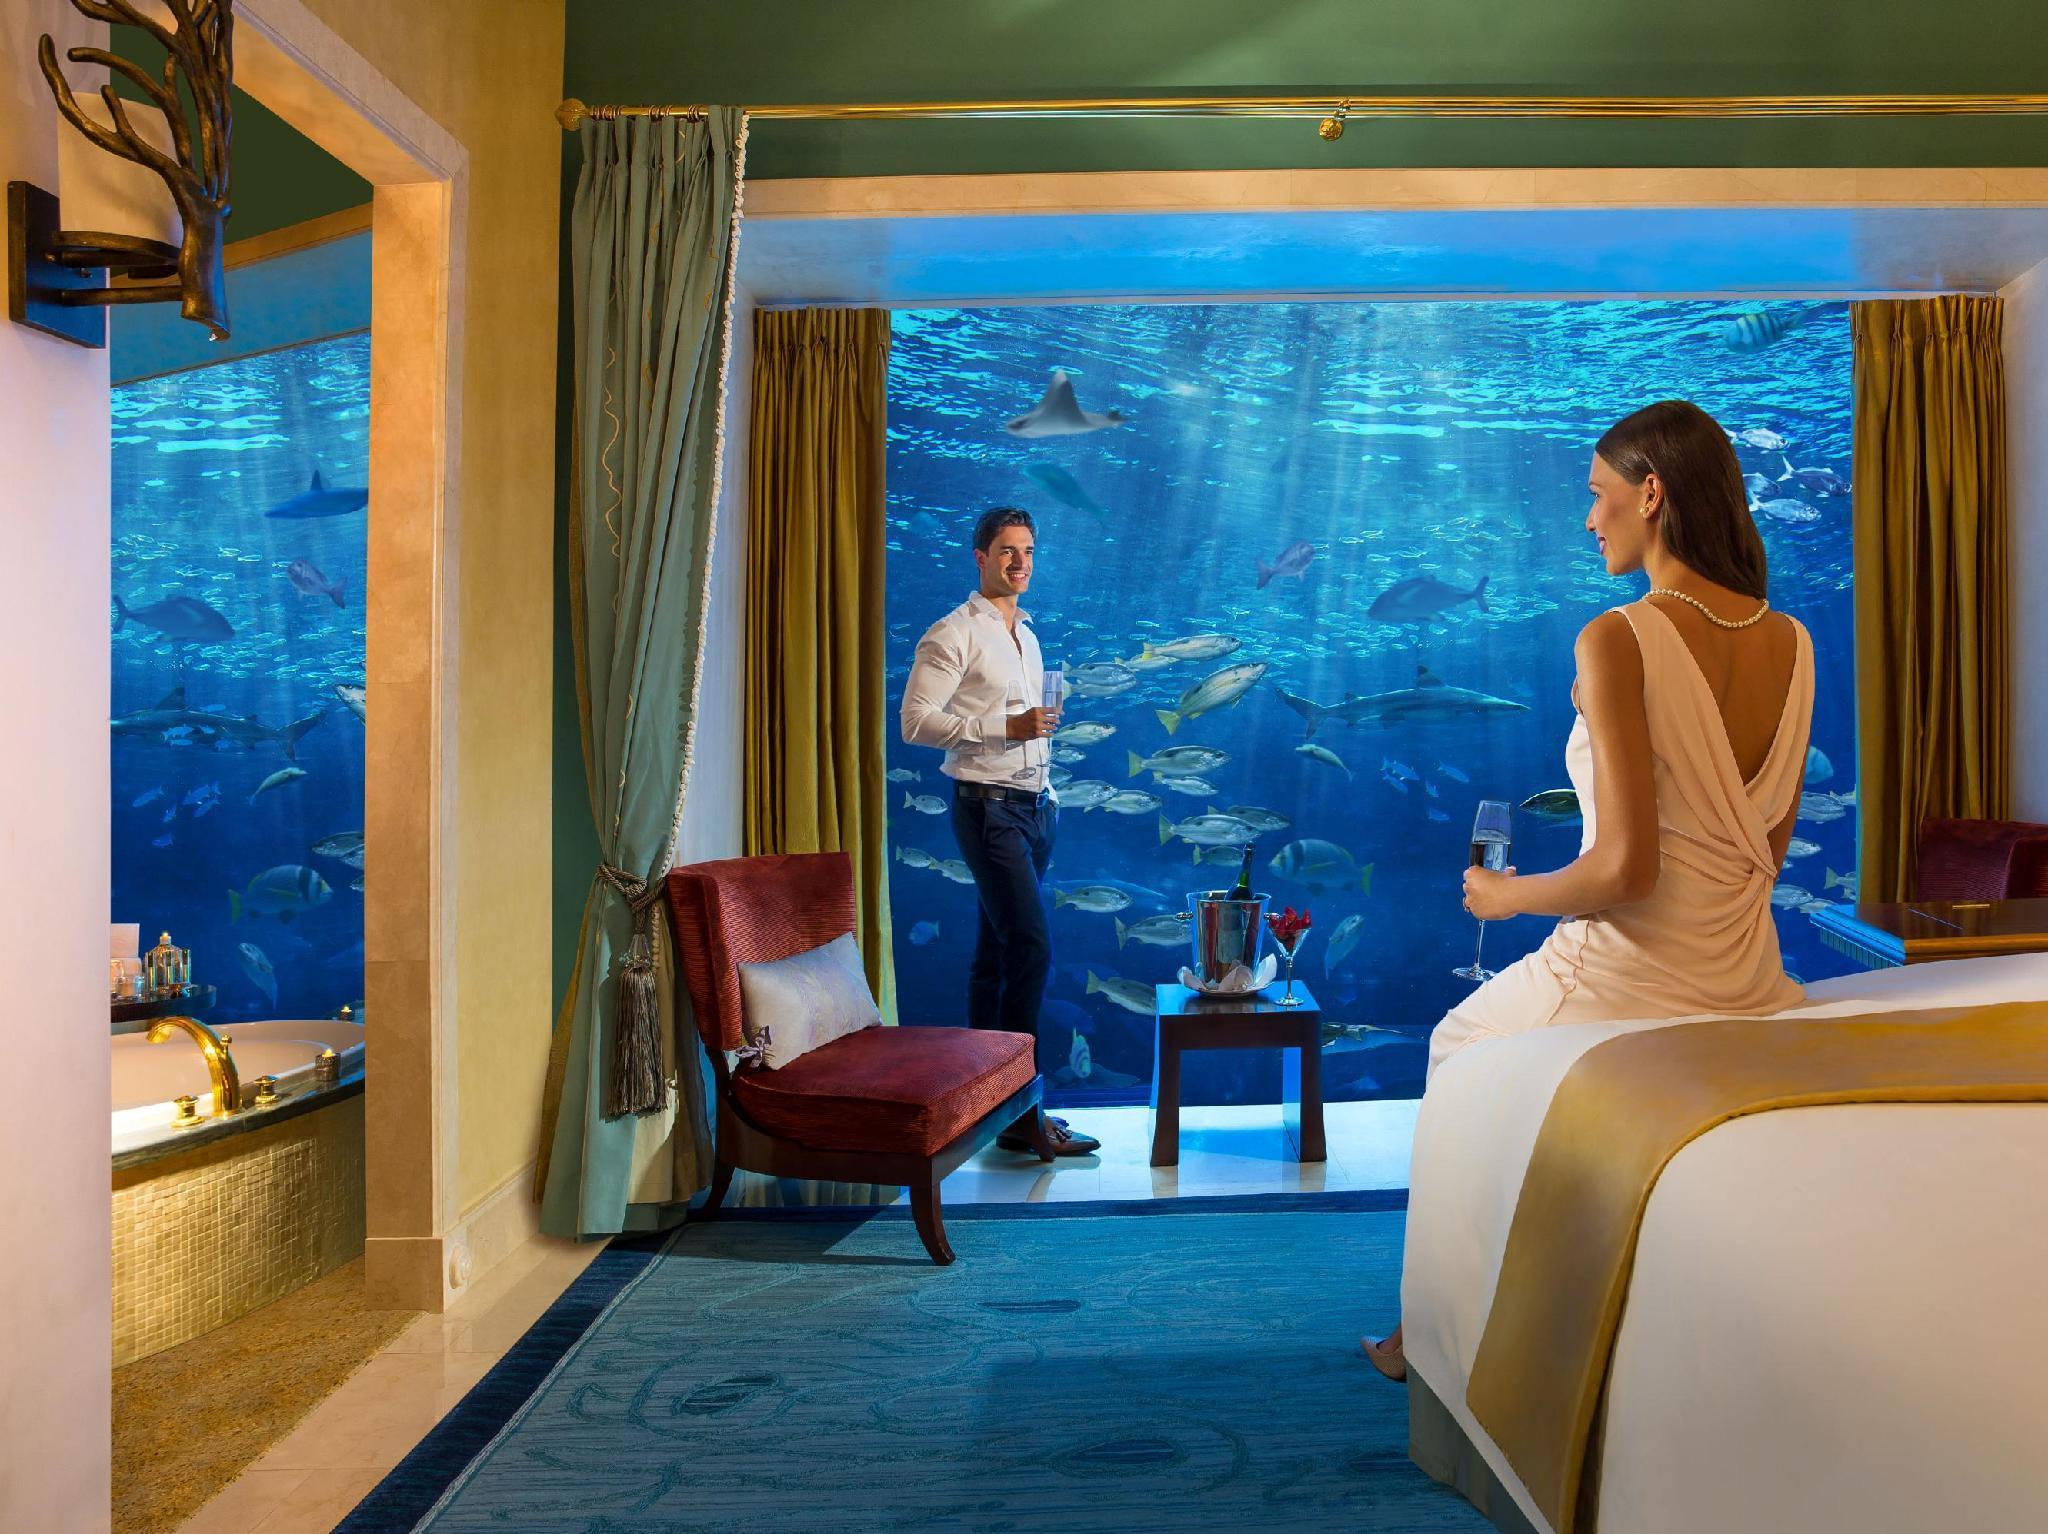 http://pix6.agoda.net/hotelImages/159/159472/159472_15111918420037879763.jpg